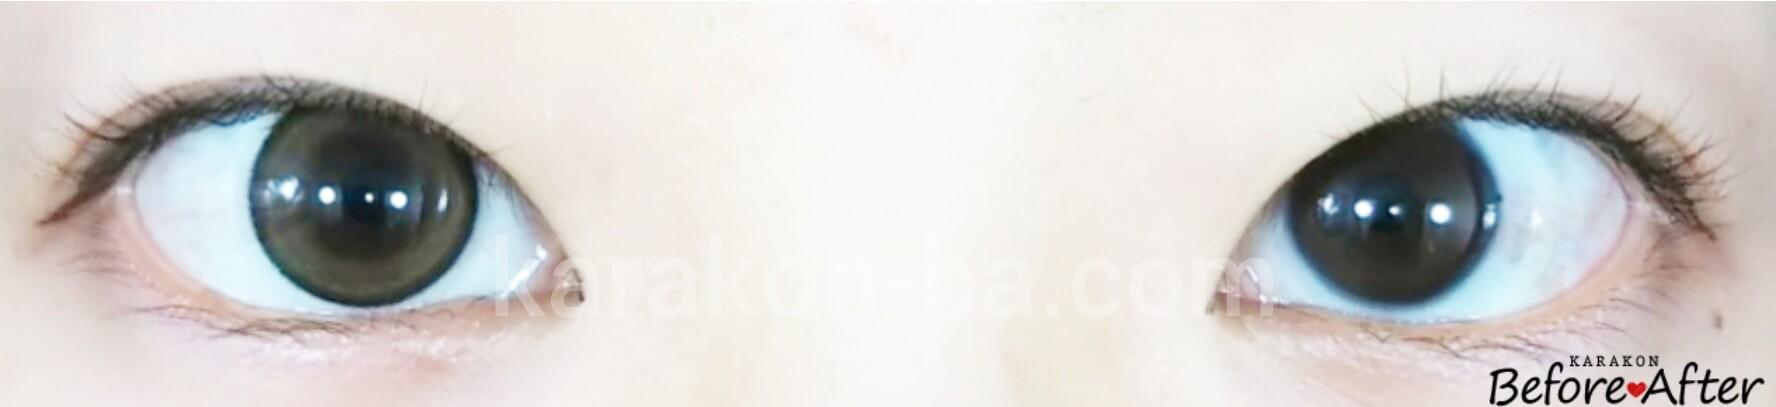 ライトブラウンのカラコン装着画像/裸眼と比較